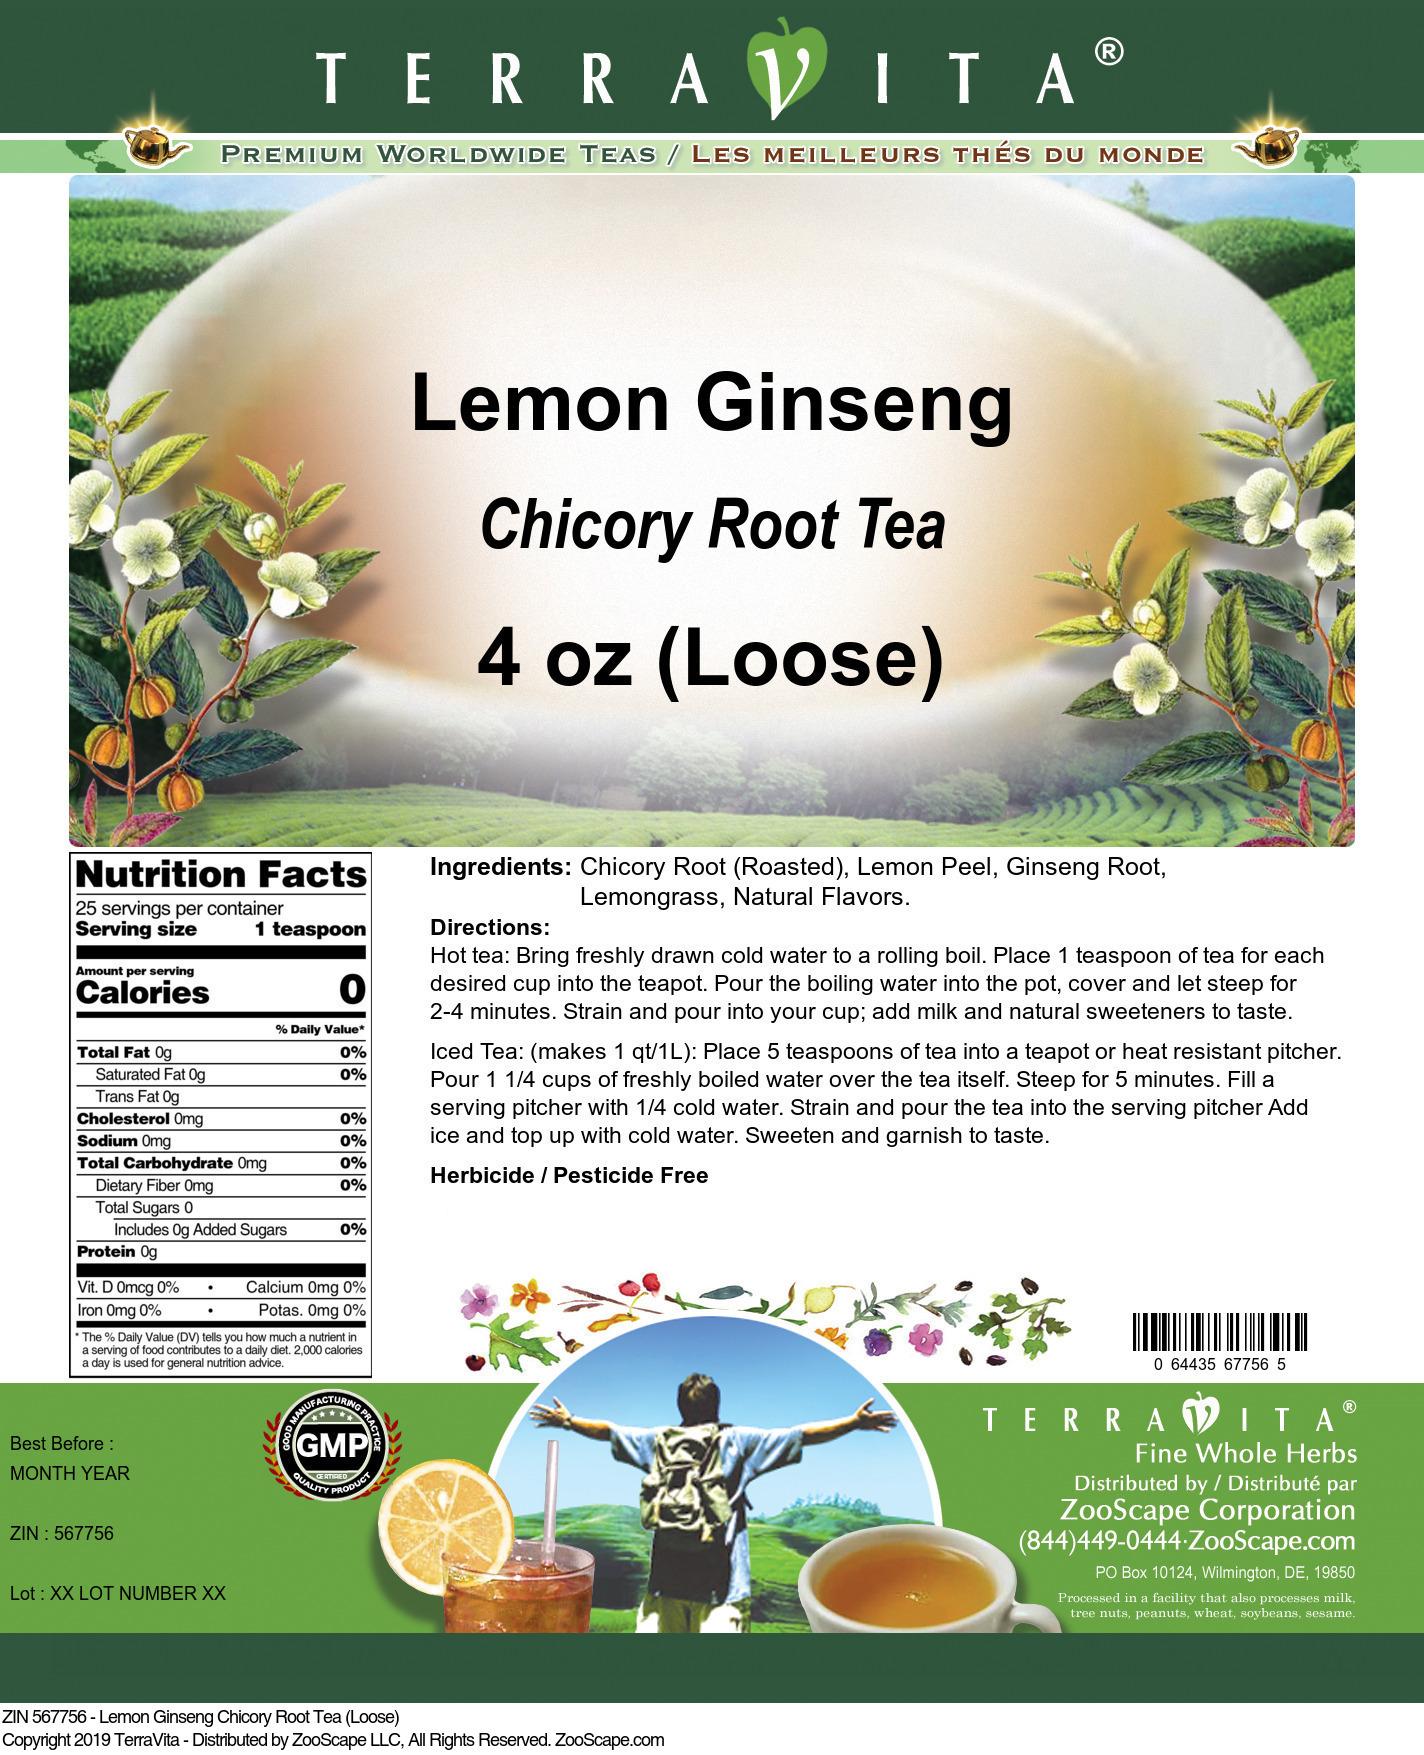 Lemon Ginseng Chicory Root